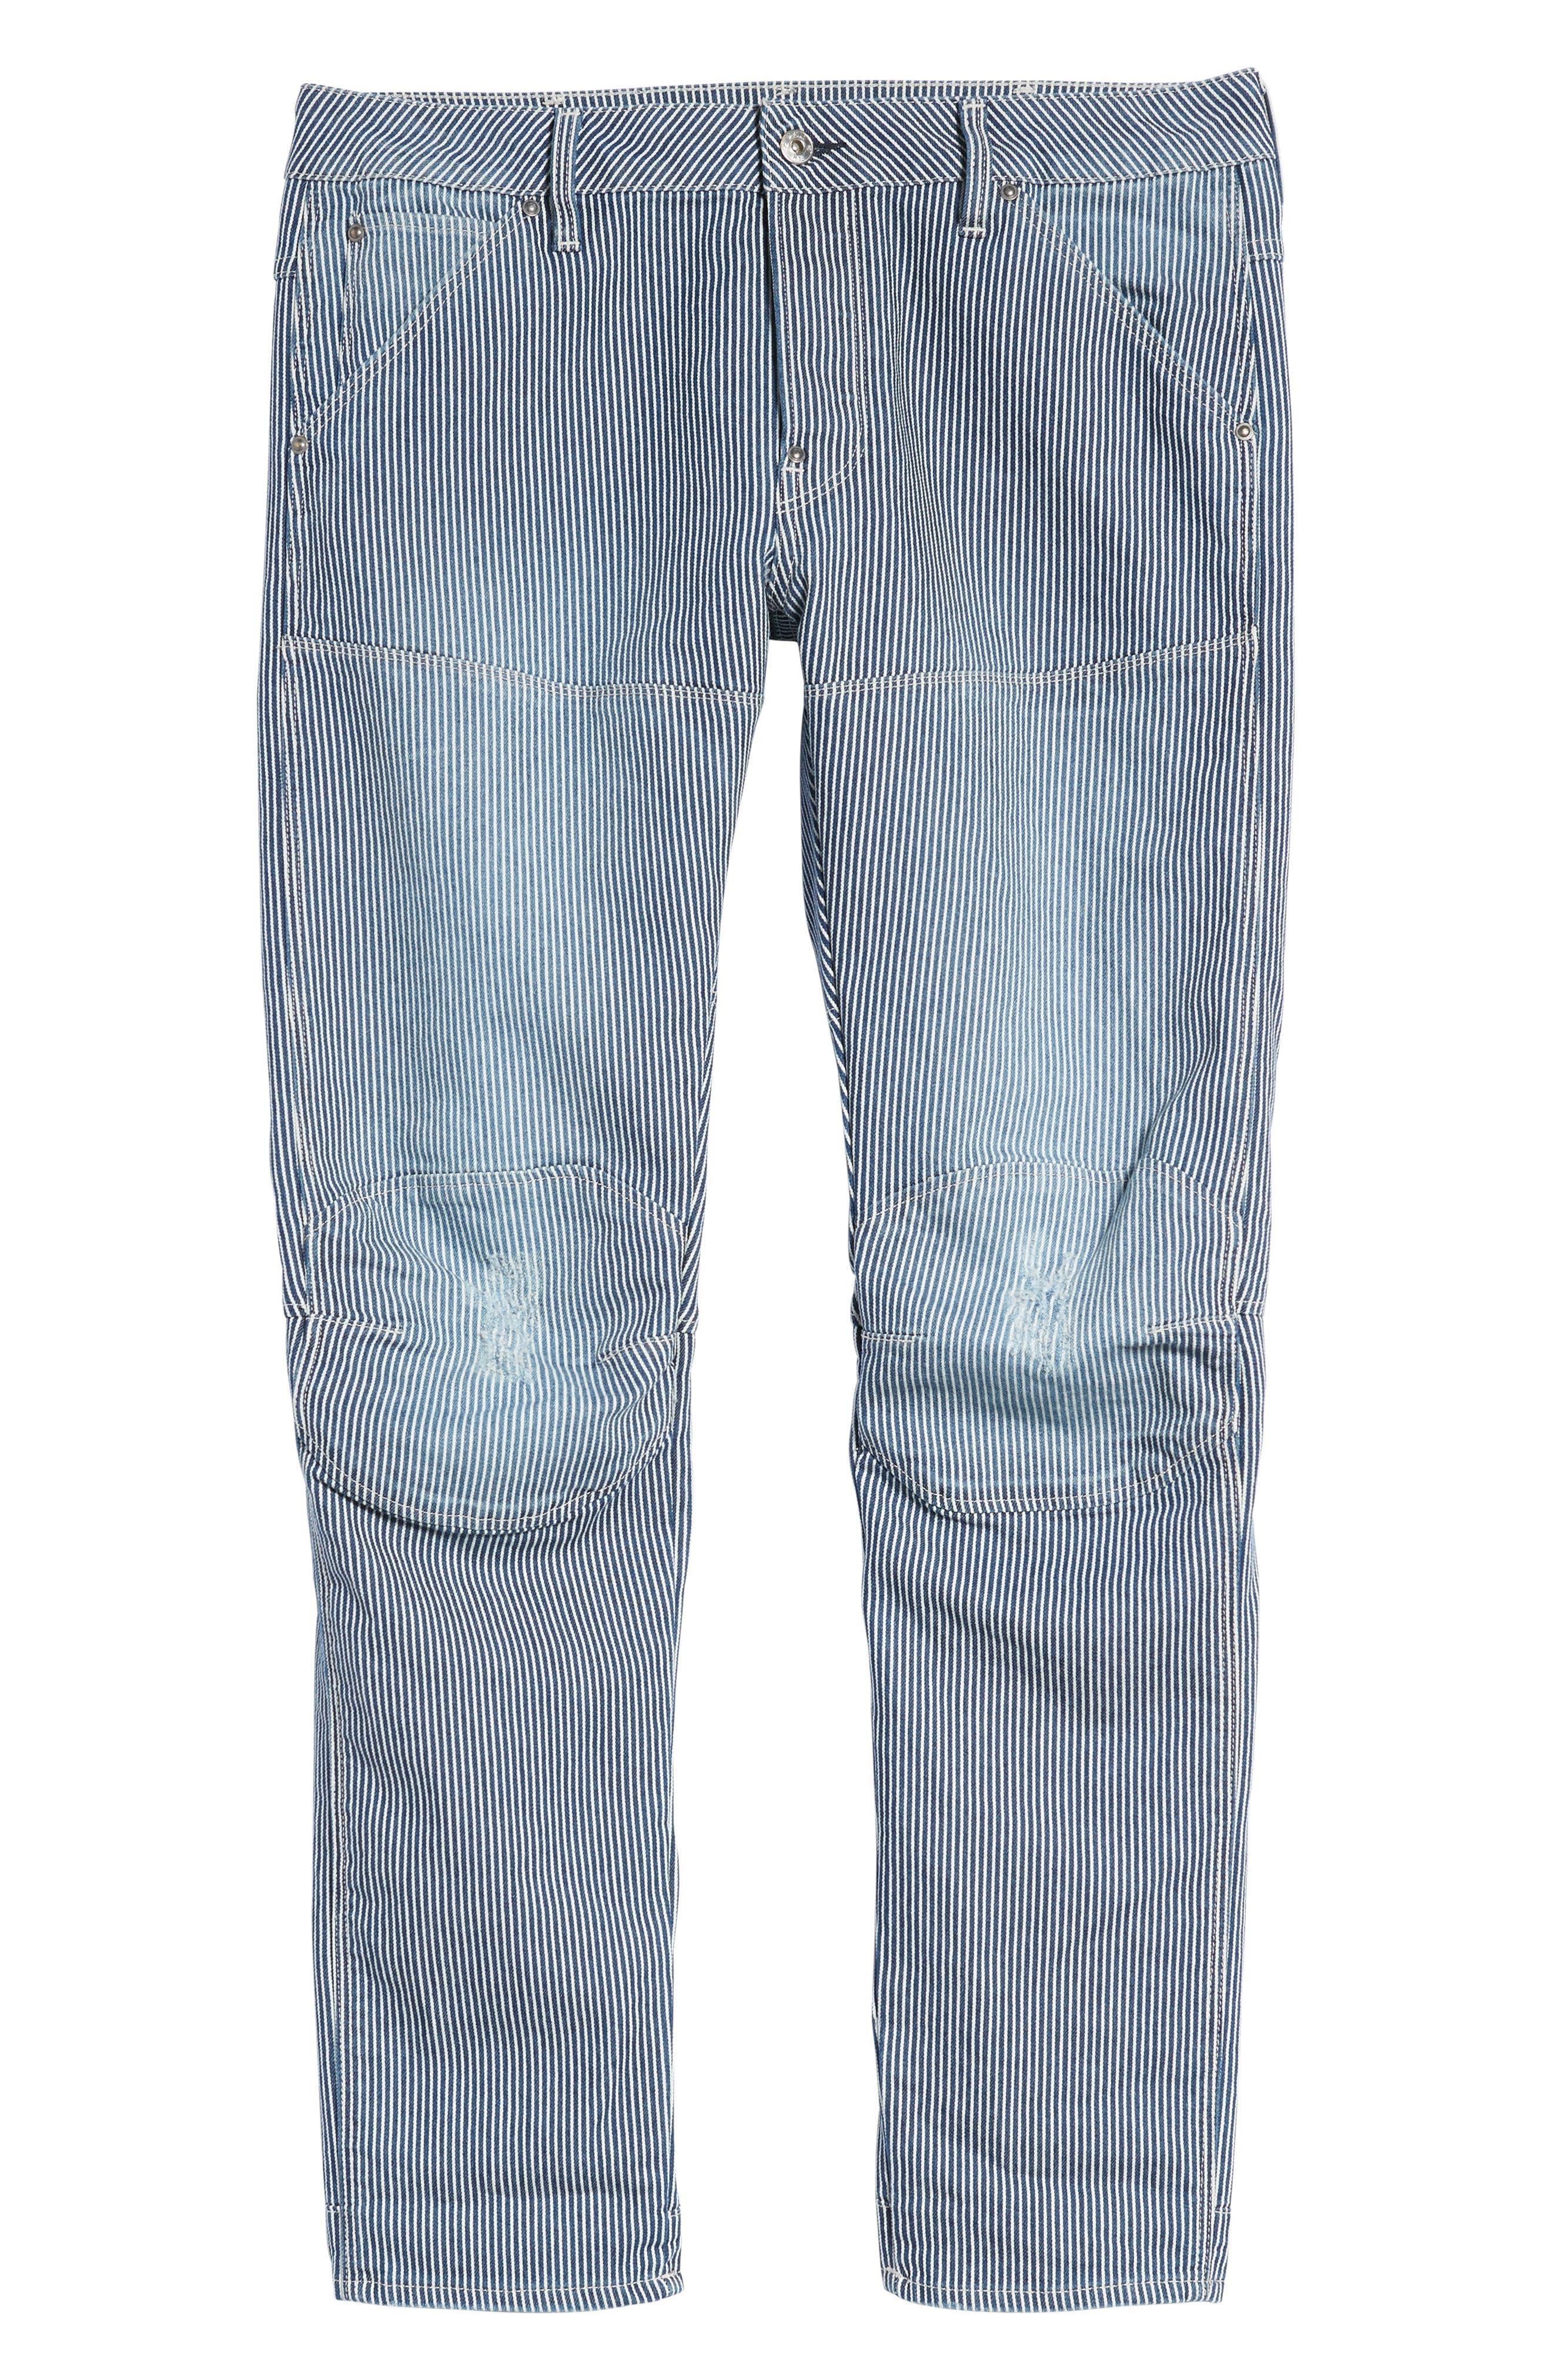 3D Slim Pants,                             Alternate thumbnail 6, color,                             420